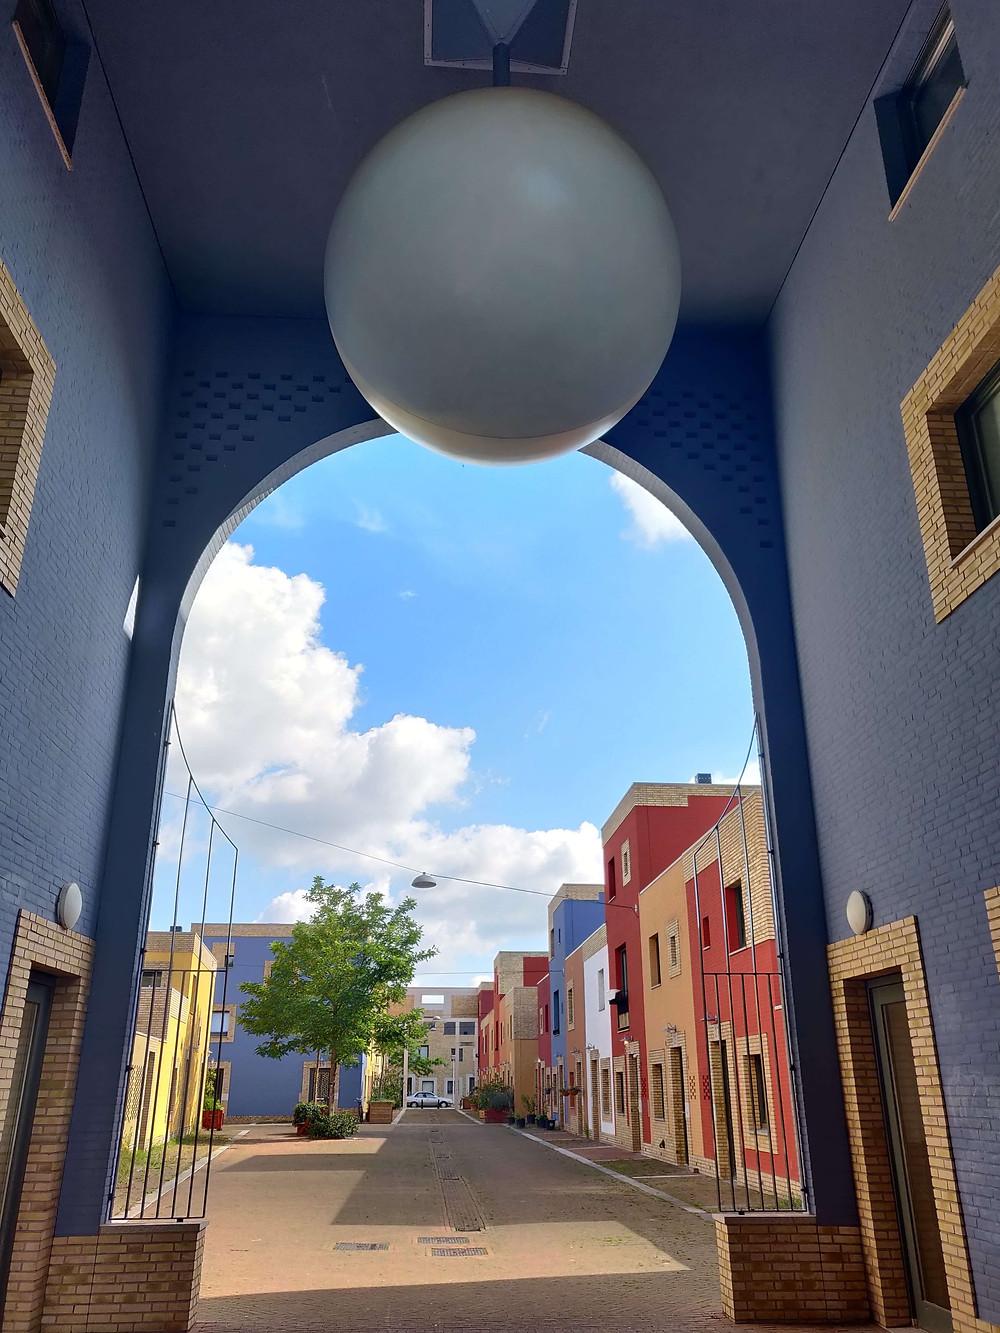 שער הכניסה לשכונה ובראשו אובייקט בצורת נורה